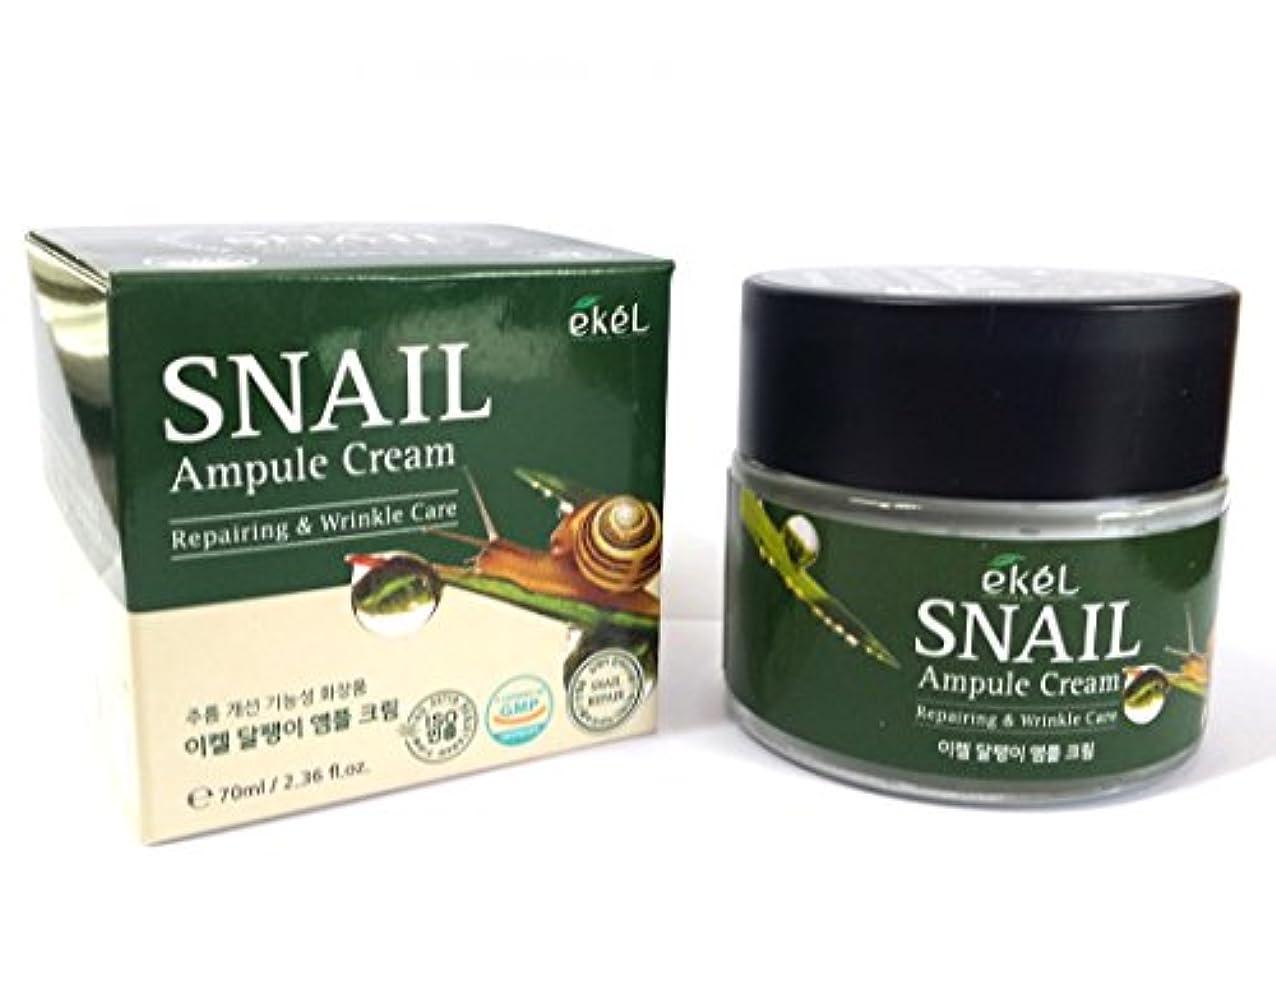 換気かりて優しい[EKEL] カタツムリアンプルクリーム70ml / Snail Ampule Cream 70ml / / リペアリング&リンクルケア / ハイドレーティングクリーム / Repairing & Wrinkle Care...